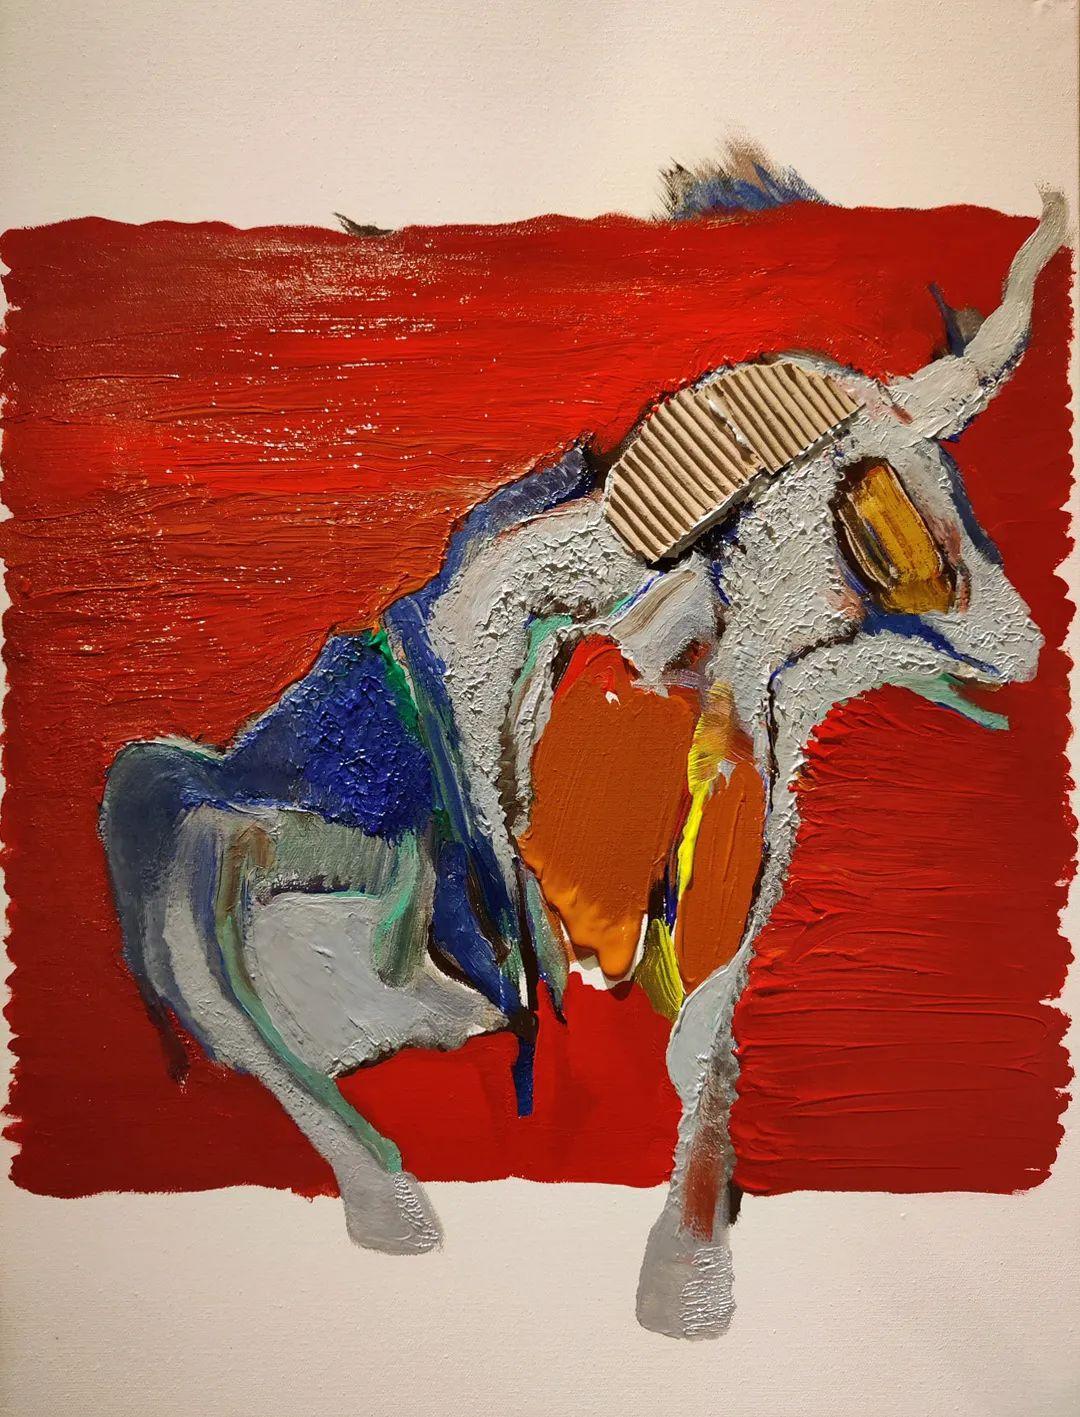 中国当代绘画艺术展作品欣赏之 马壮插图17